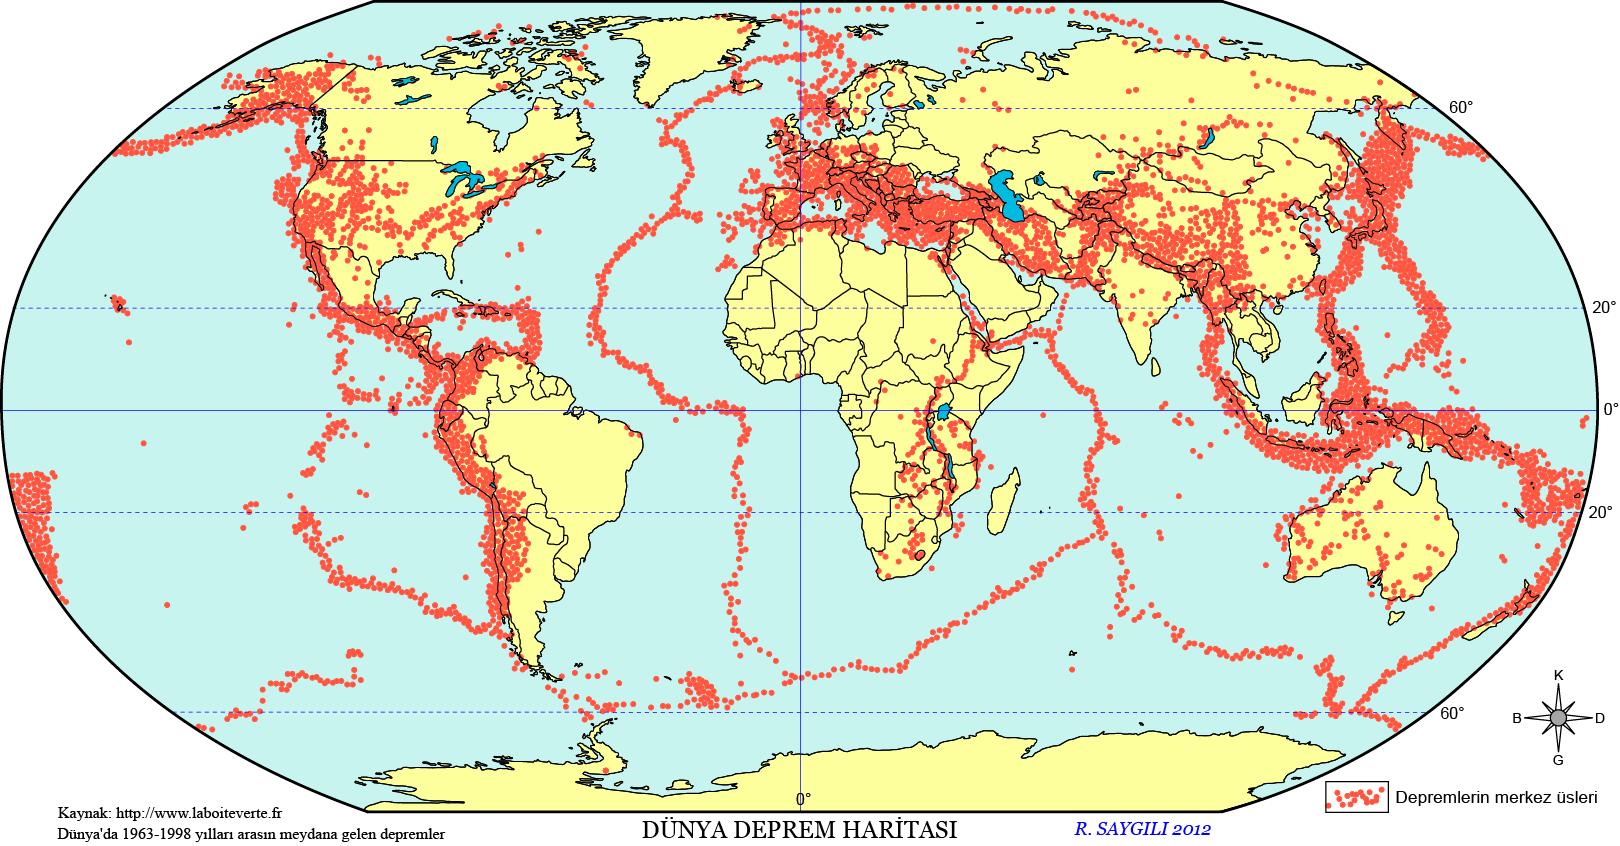 Dünya Deprem Haritası